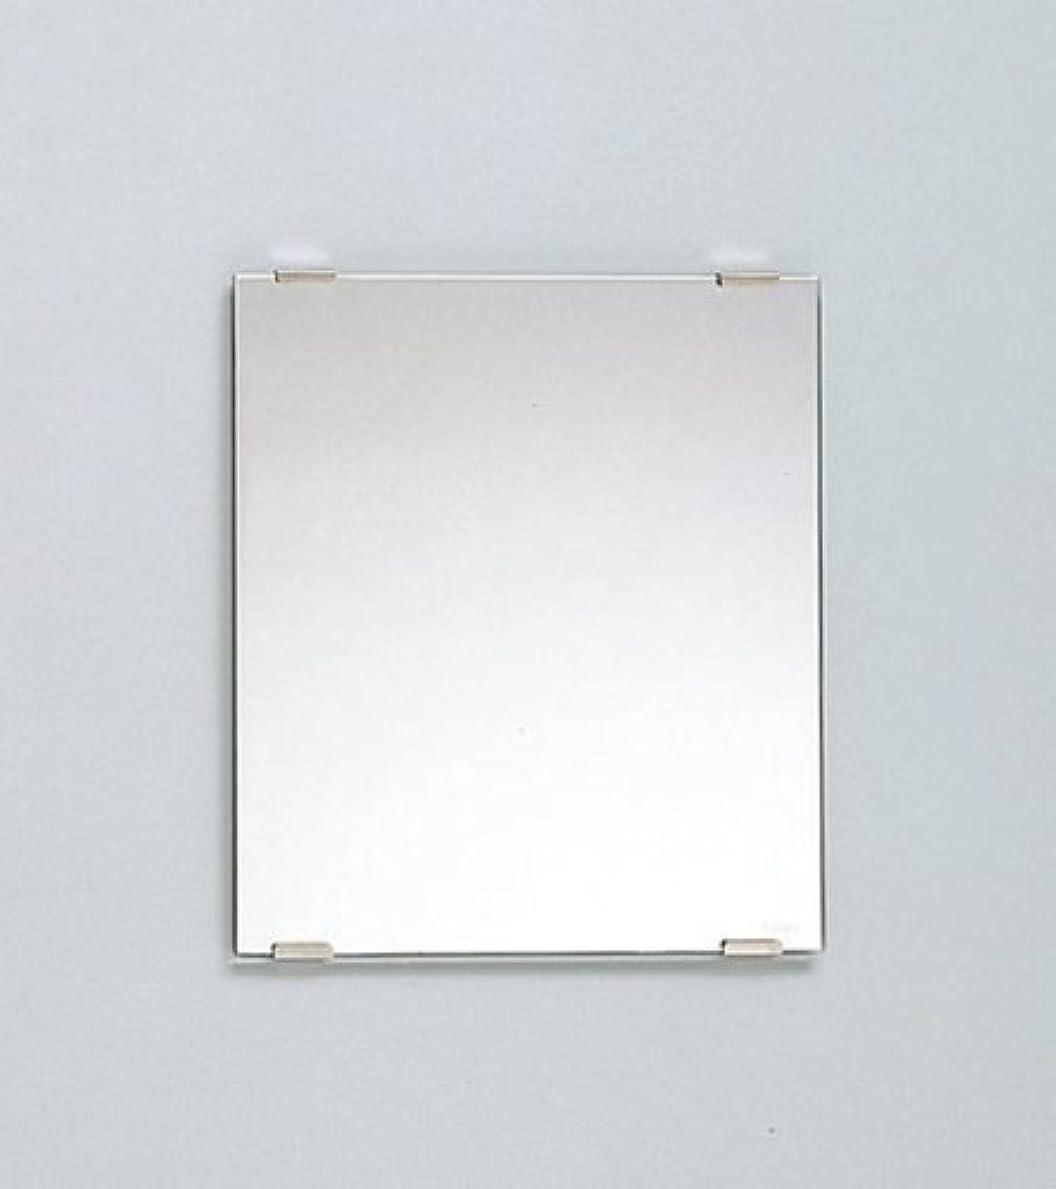 フォージ請うエピソードTOTO 化粧鏡 YM3045F 耐食鏡 角型 300×450(mm)